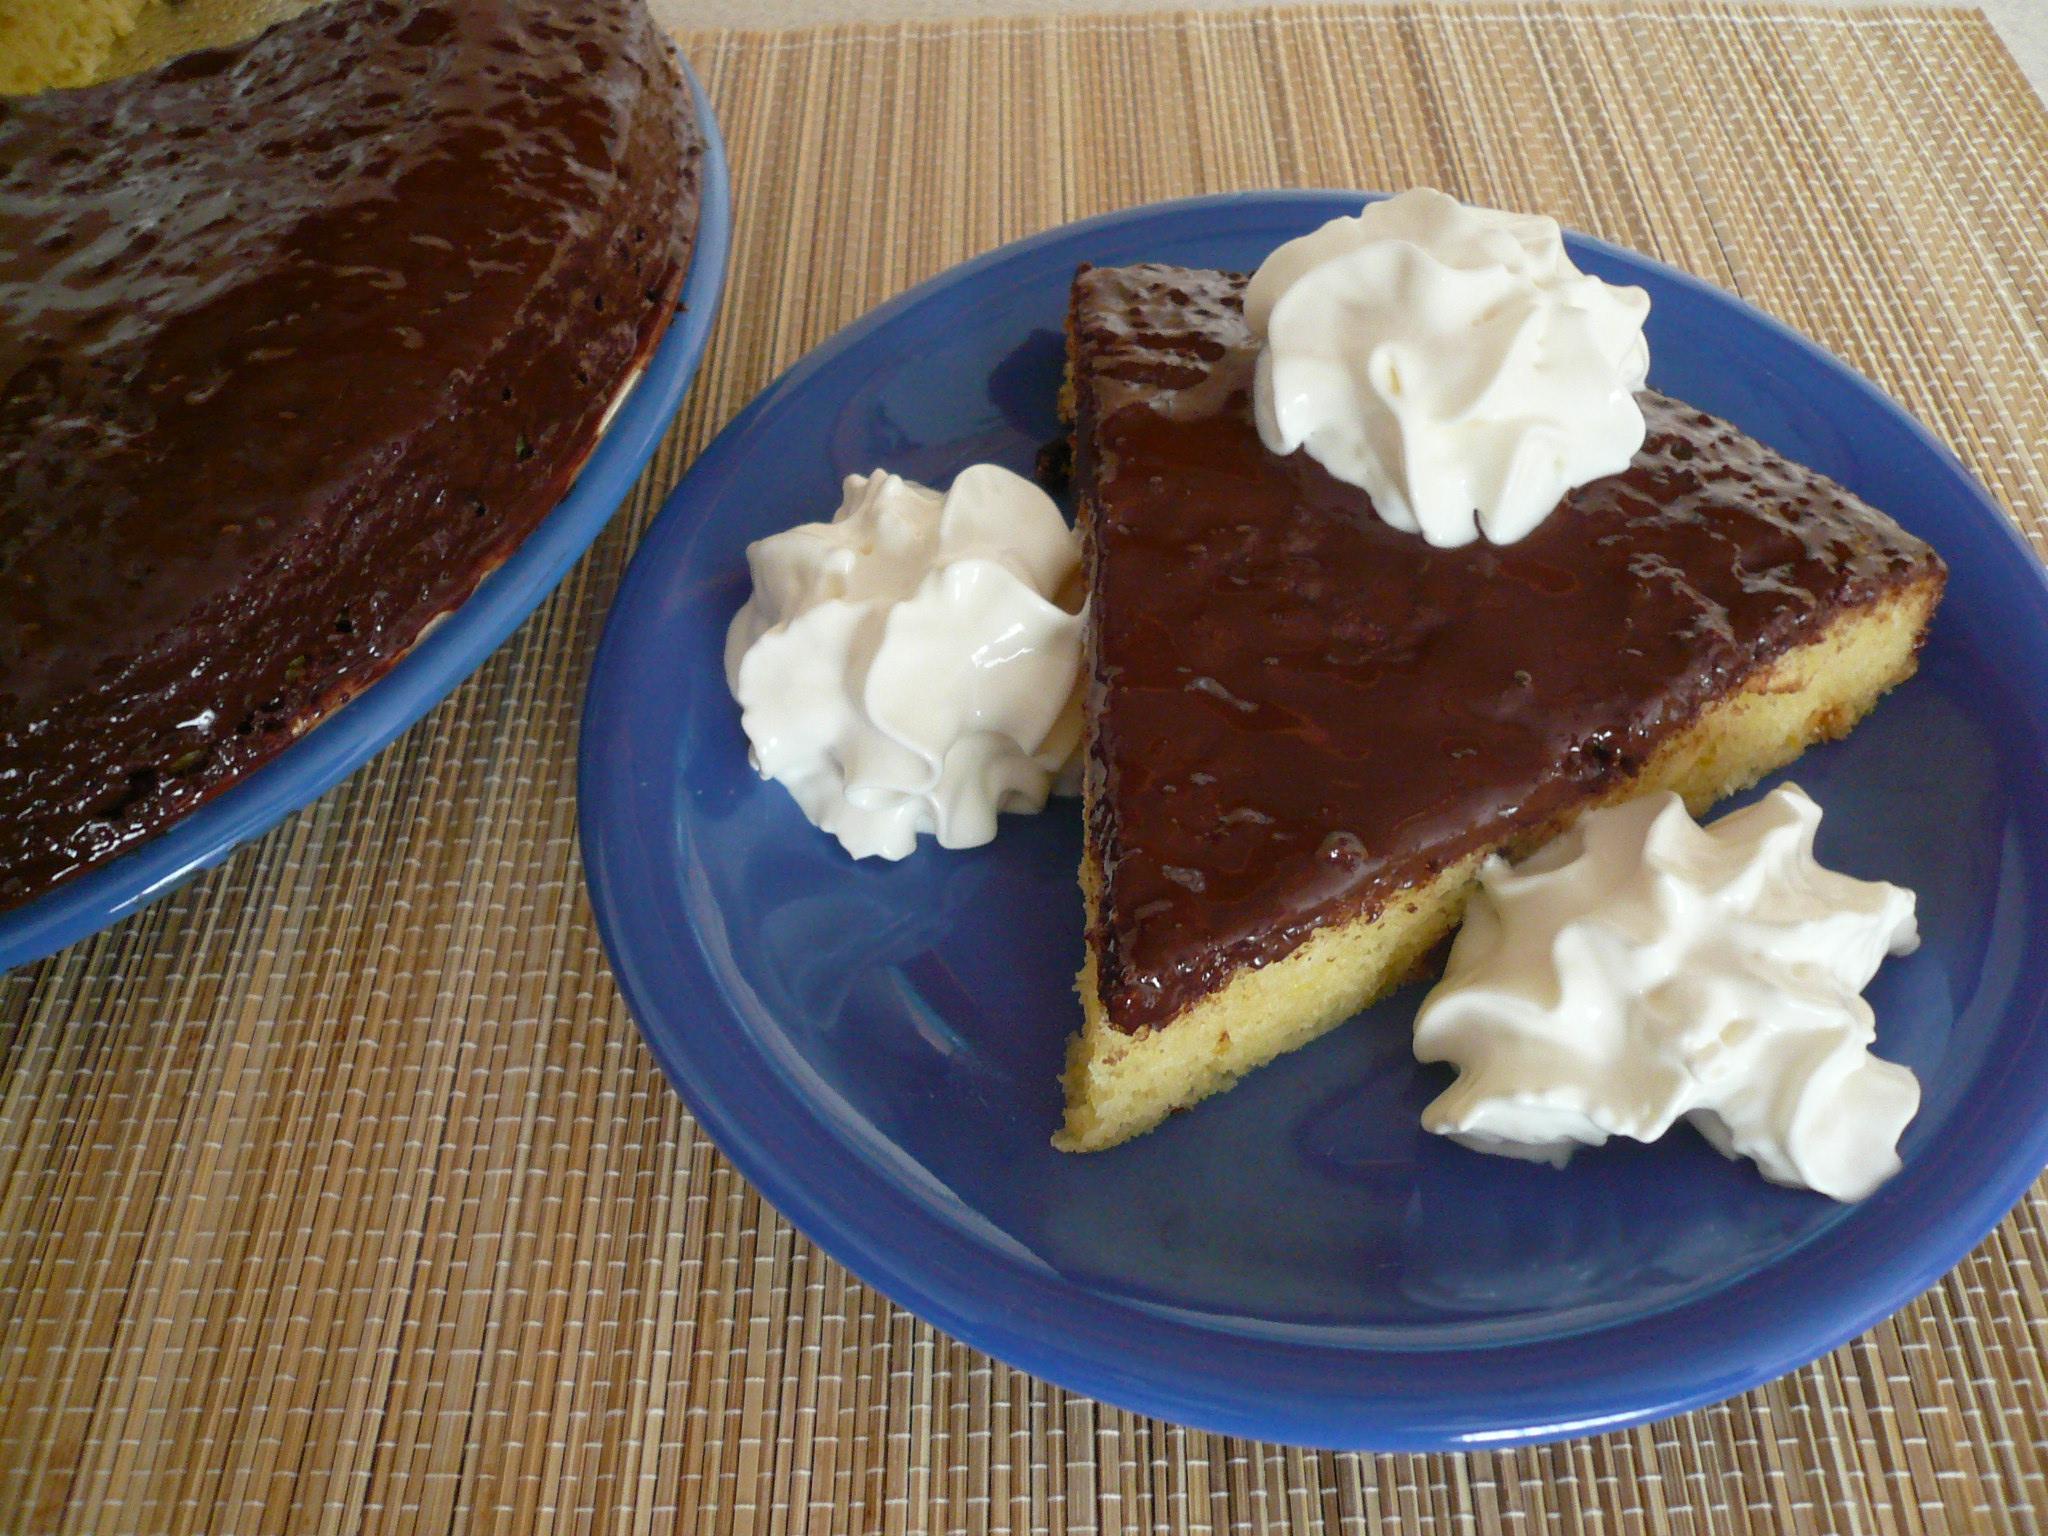 Piškotový dort s čokoládou